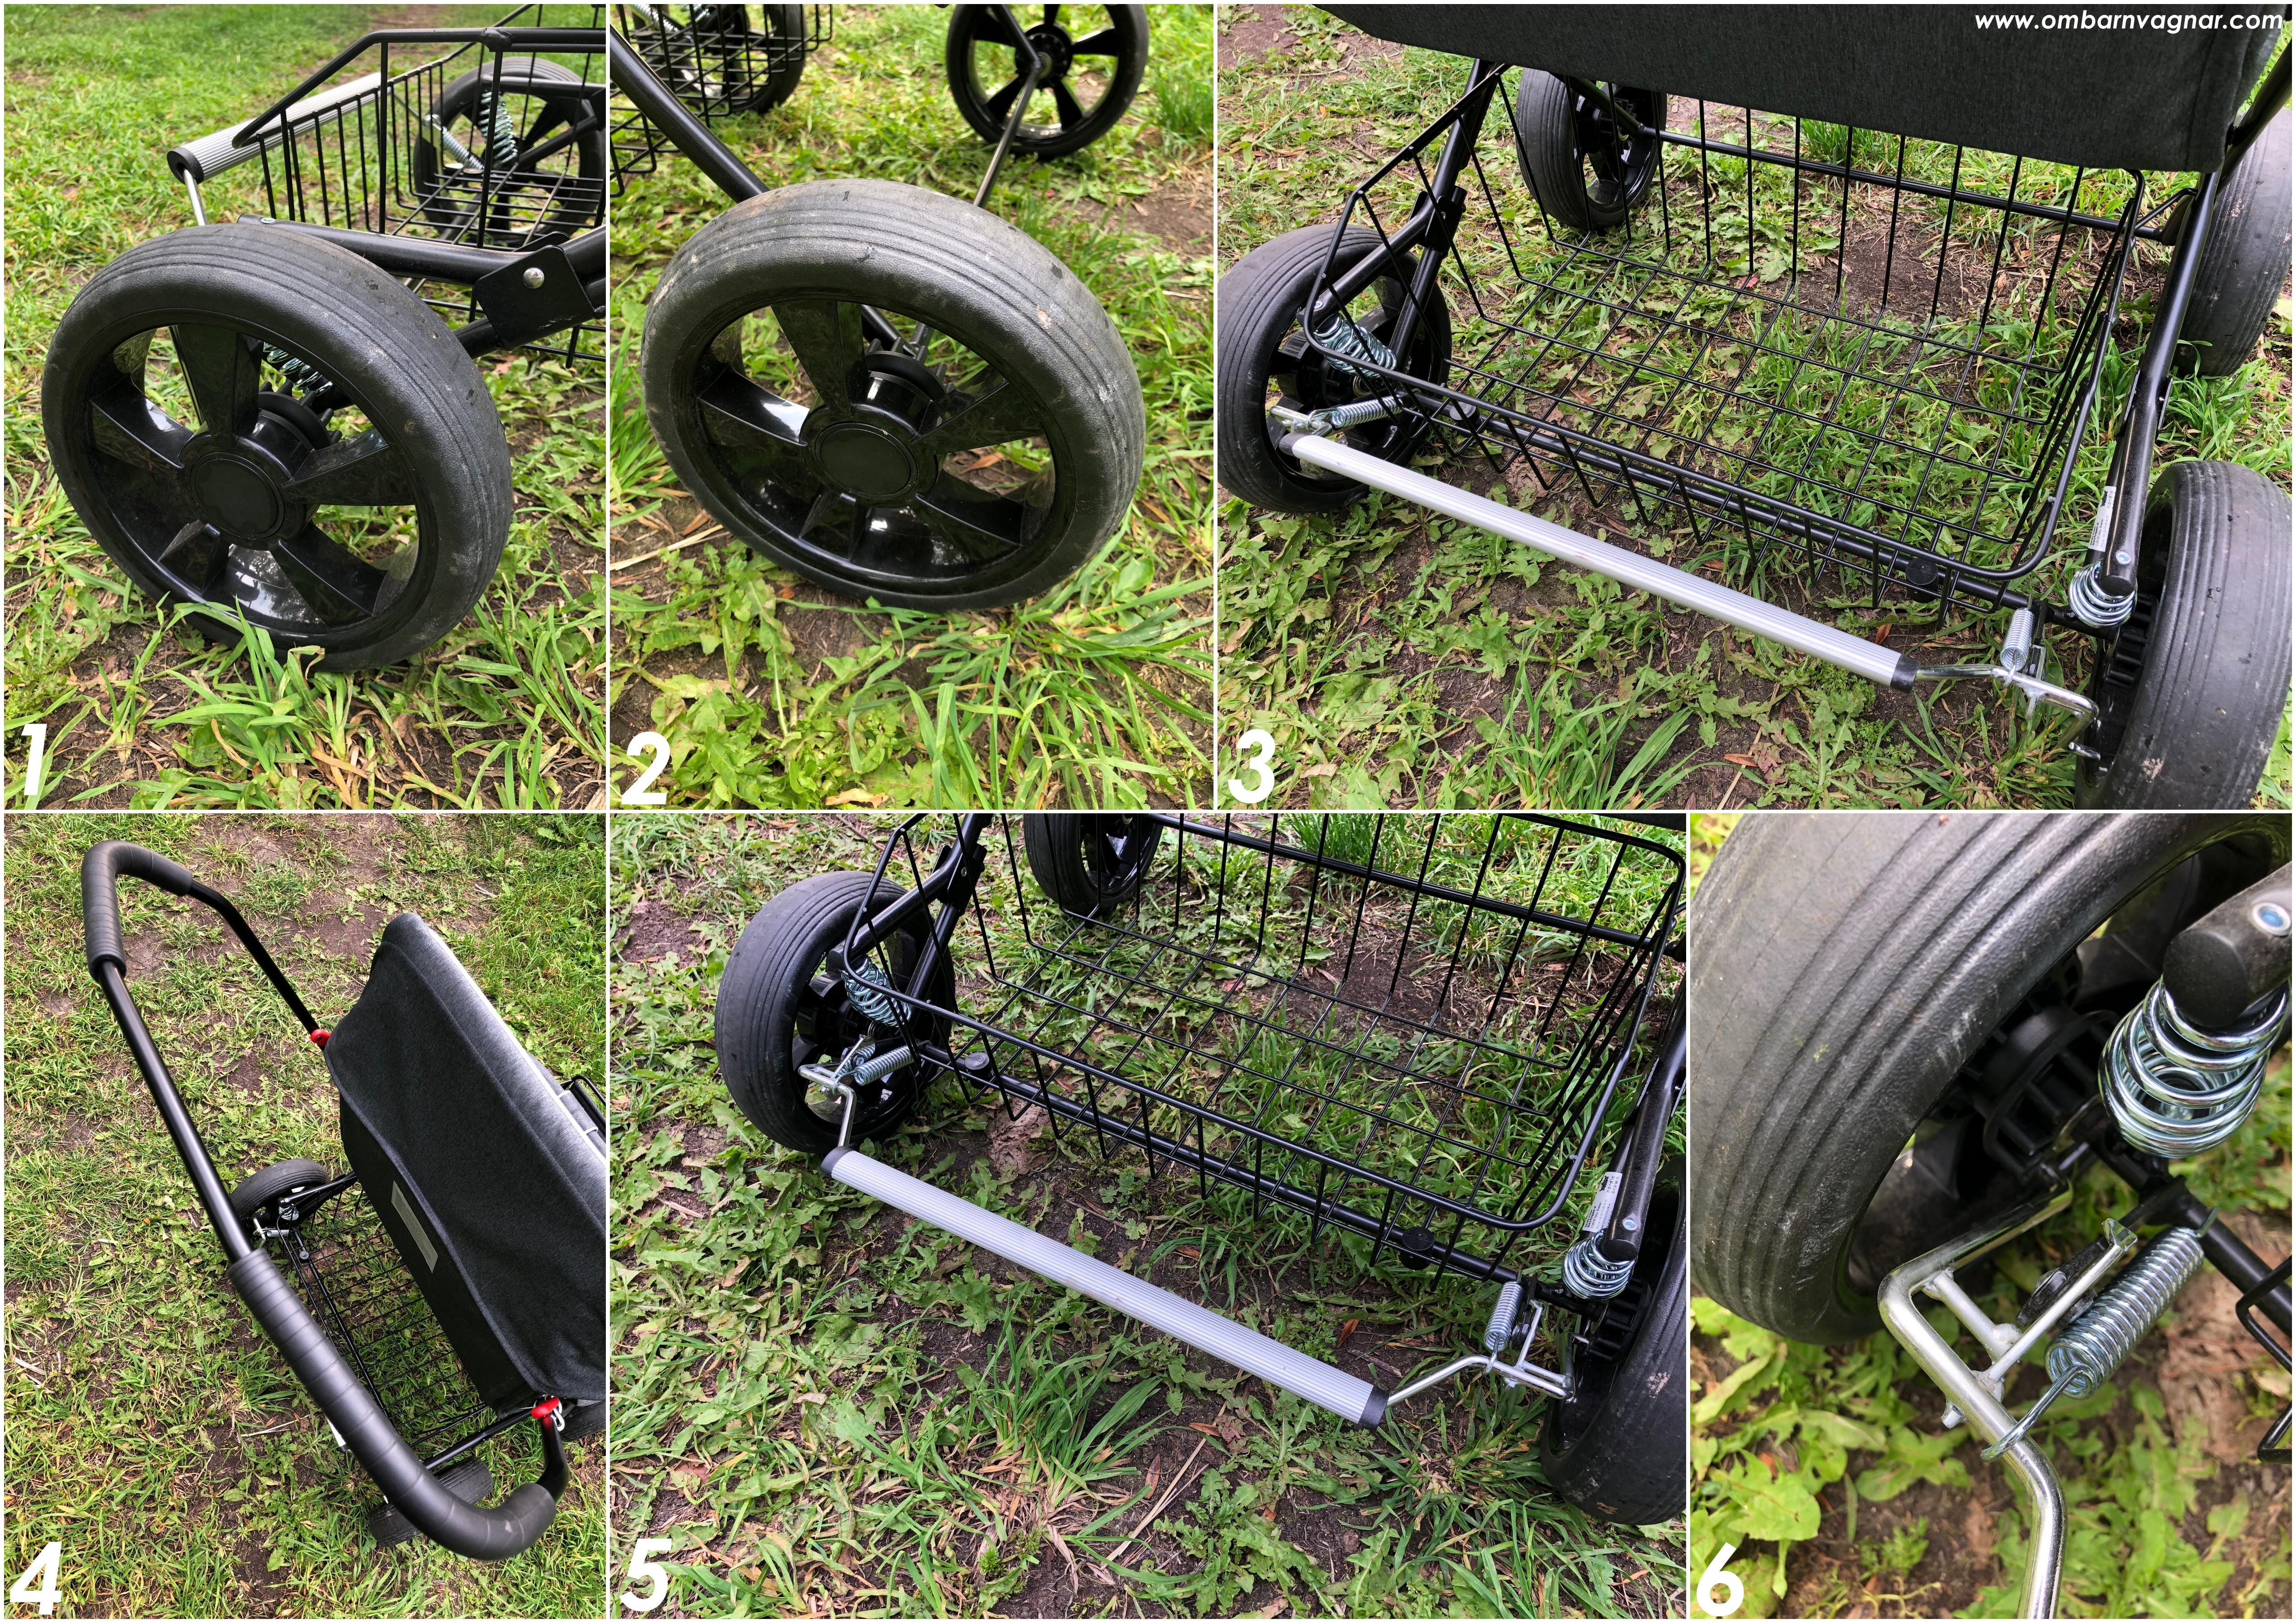 Stora, punkteringsfria hjul och rymlig varukorg på Nordic Crown Twin Sitty